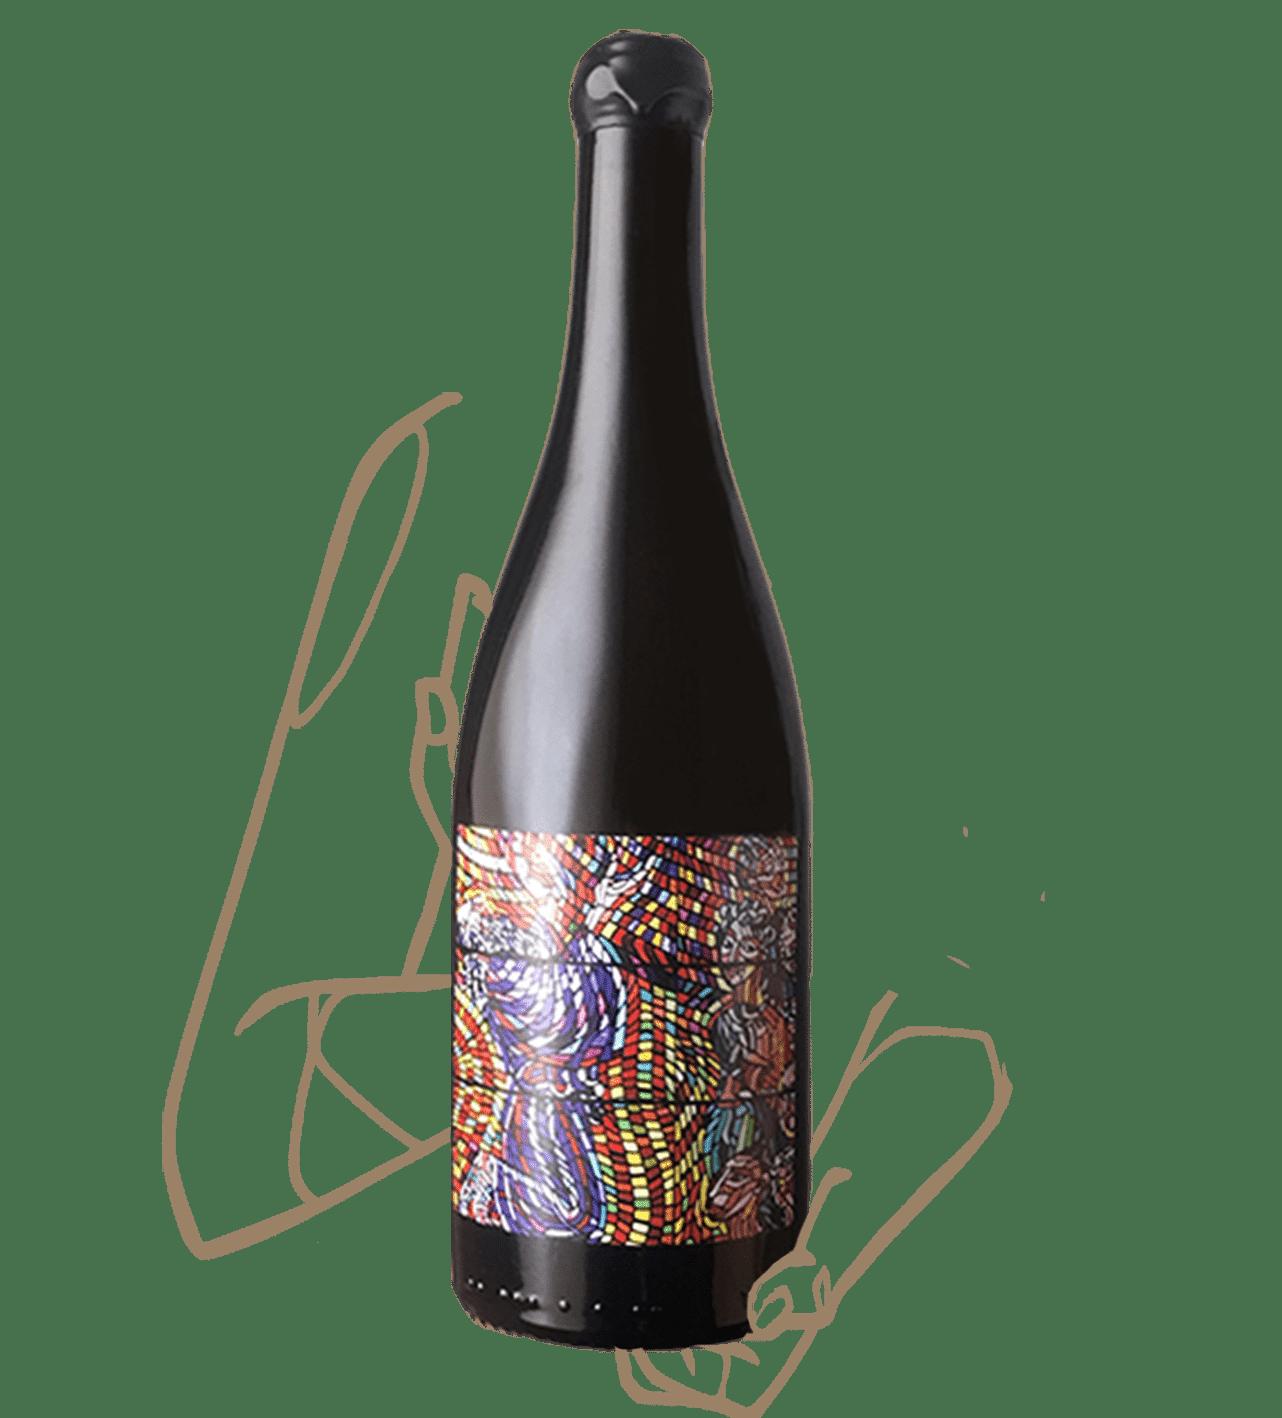 Gloria est un vin naturel du domaine le temps des copains en Loire